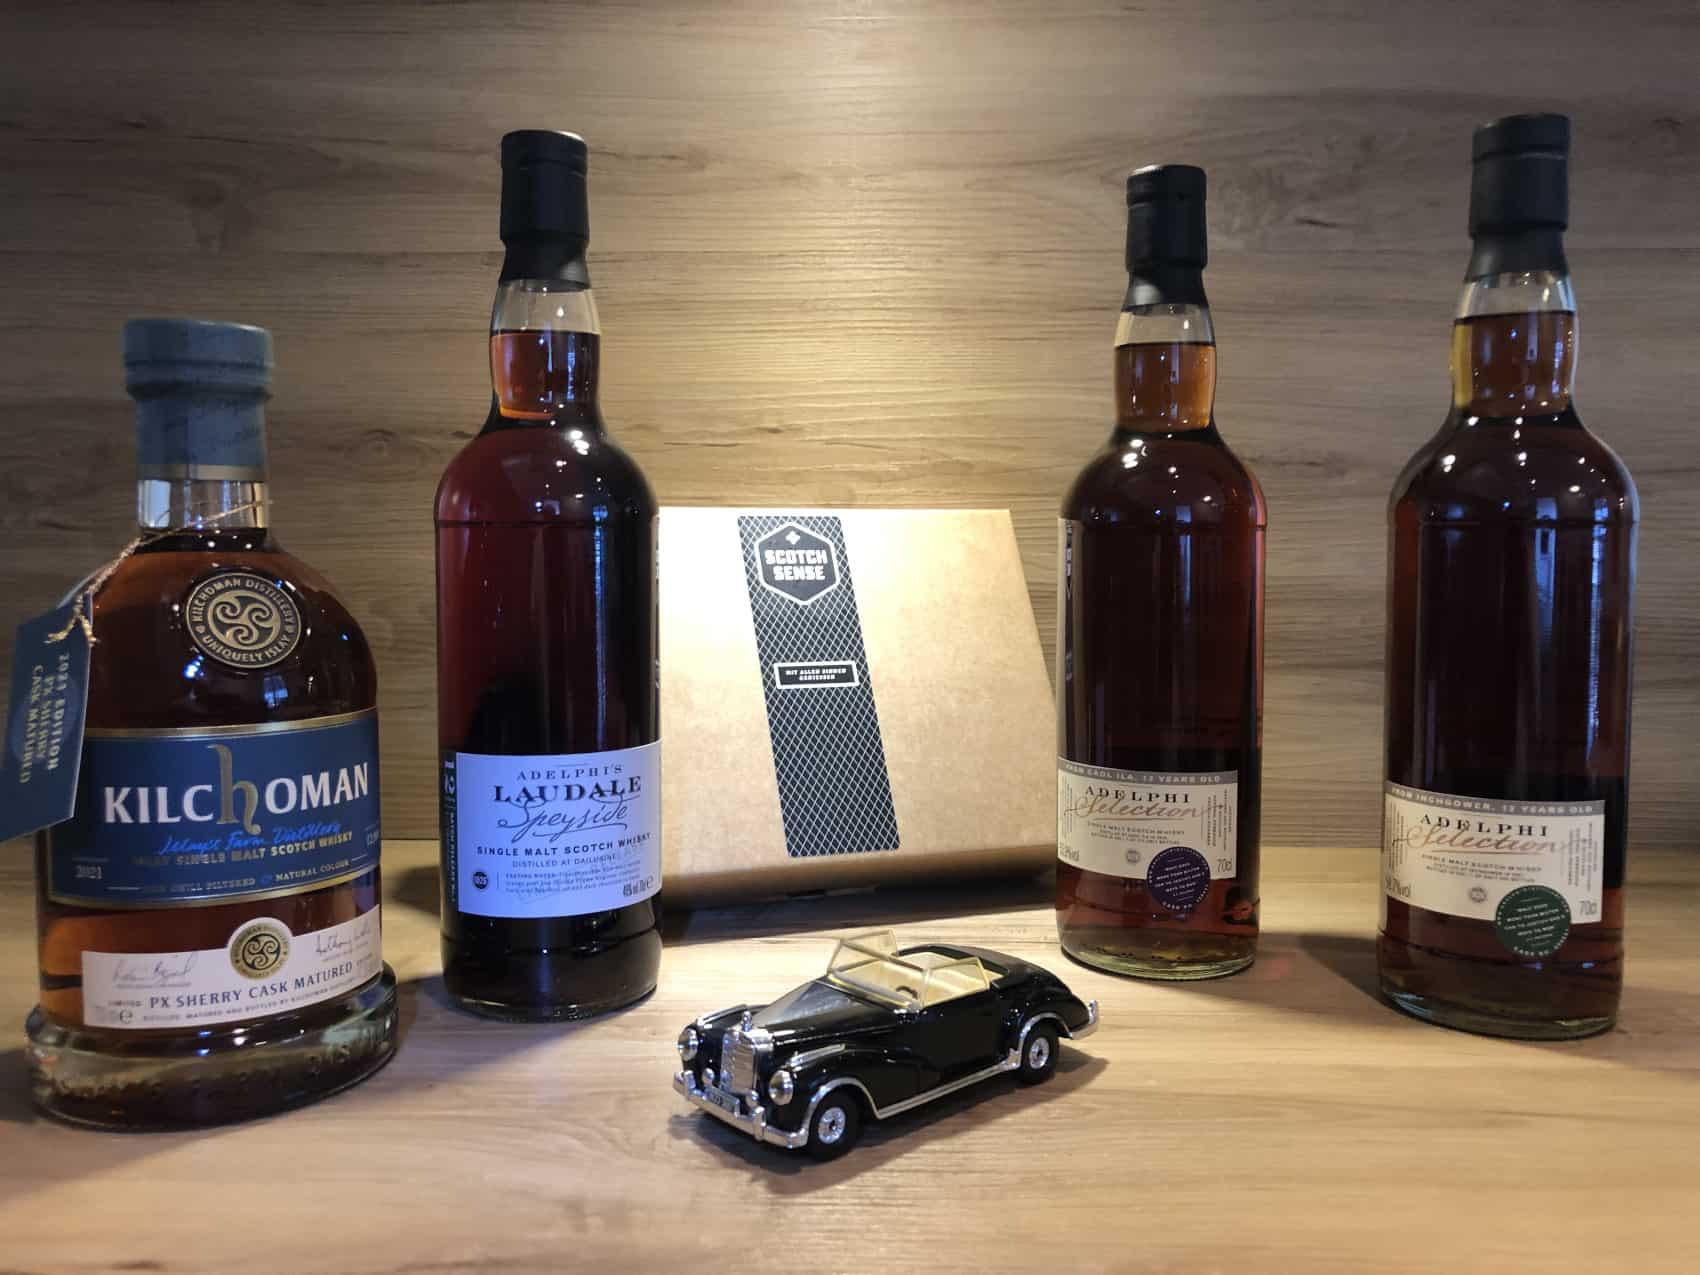 Imagebild_1341a_ScotchSense_Whisky_Tastingset_Dark_Sherry_Episode_II_Whisky_Geschenkset_Online_kaufen_1.jpg